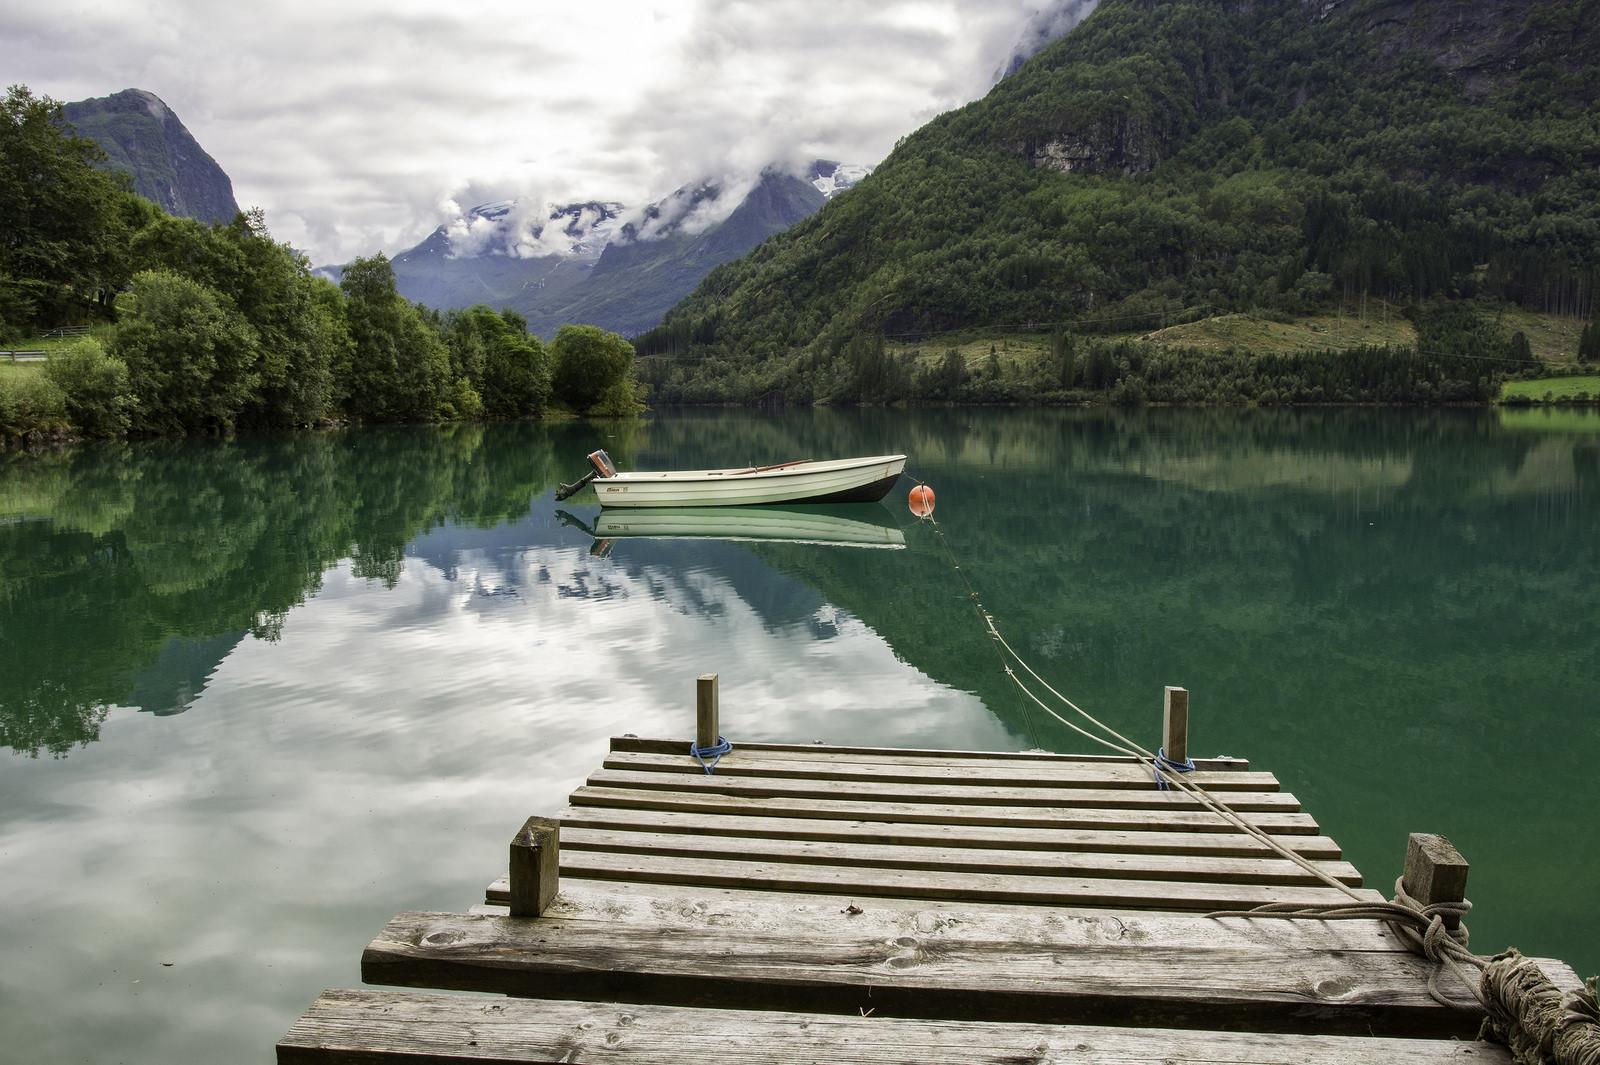 Un lago verde y un bote - 1600x1065